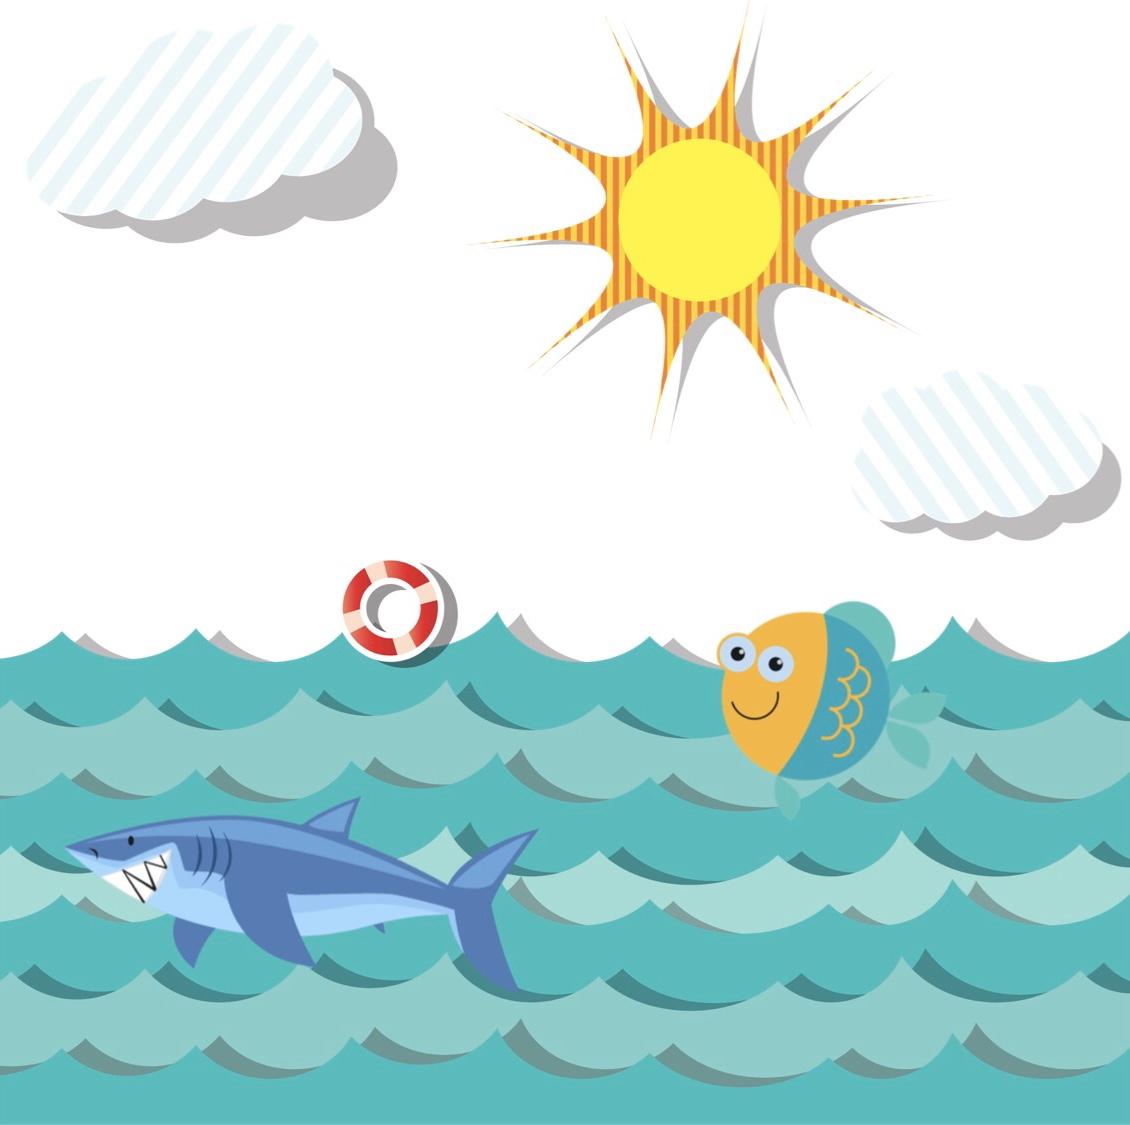 """7月は""""Sea animals/Fish/Shark"""" 海の生き物です"""